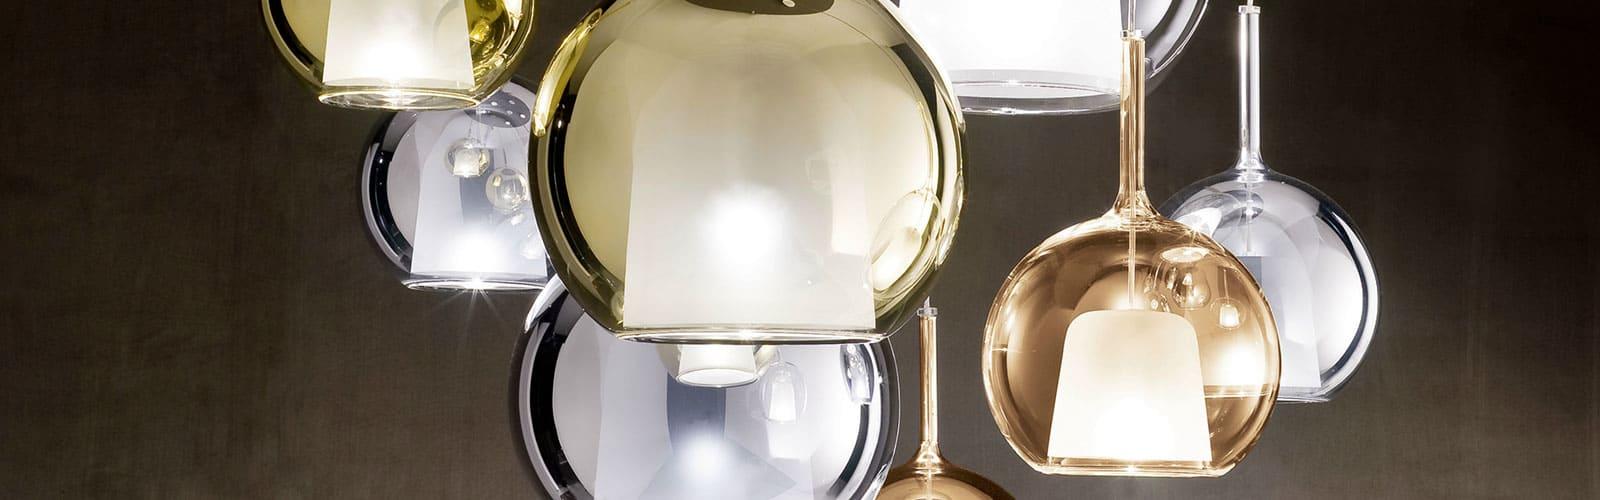 lampade Penta da Scopelliti 1887 a Reggio Calabria